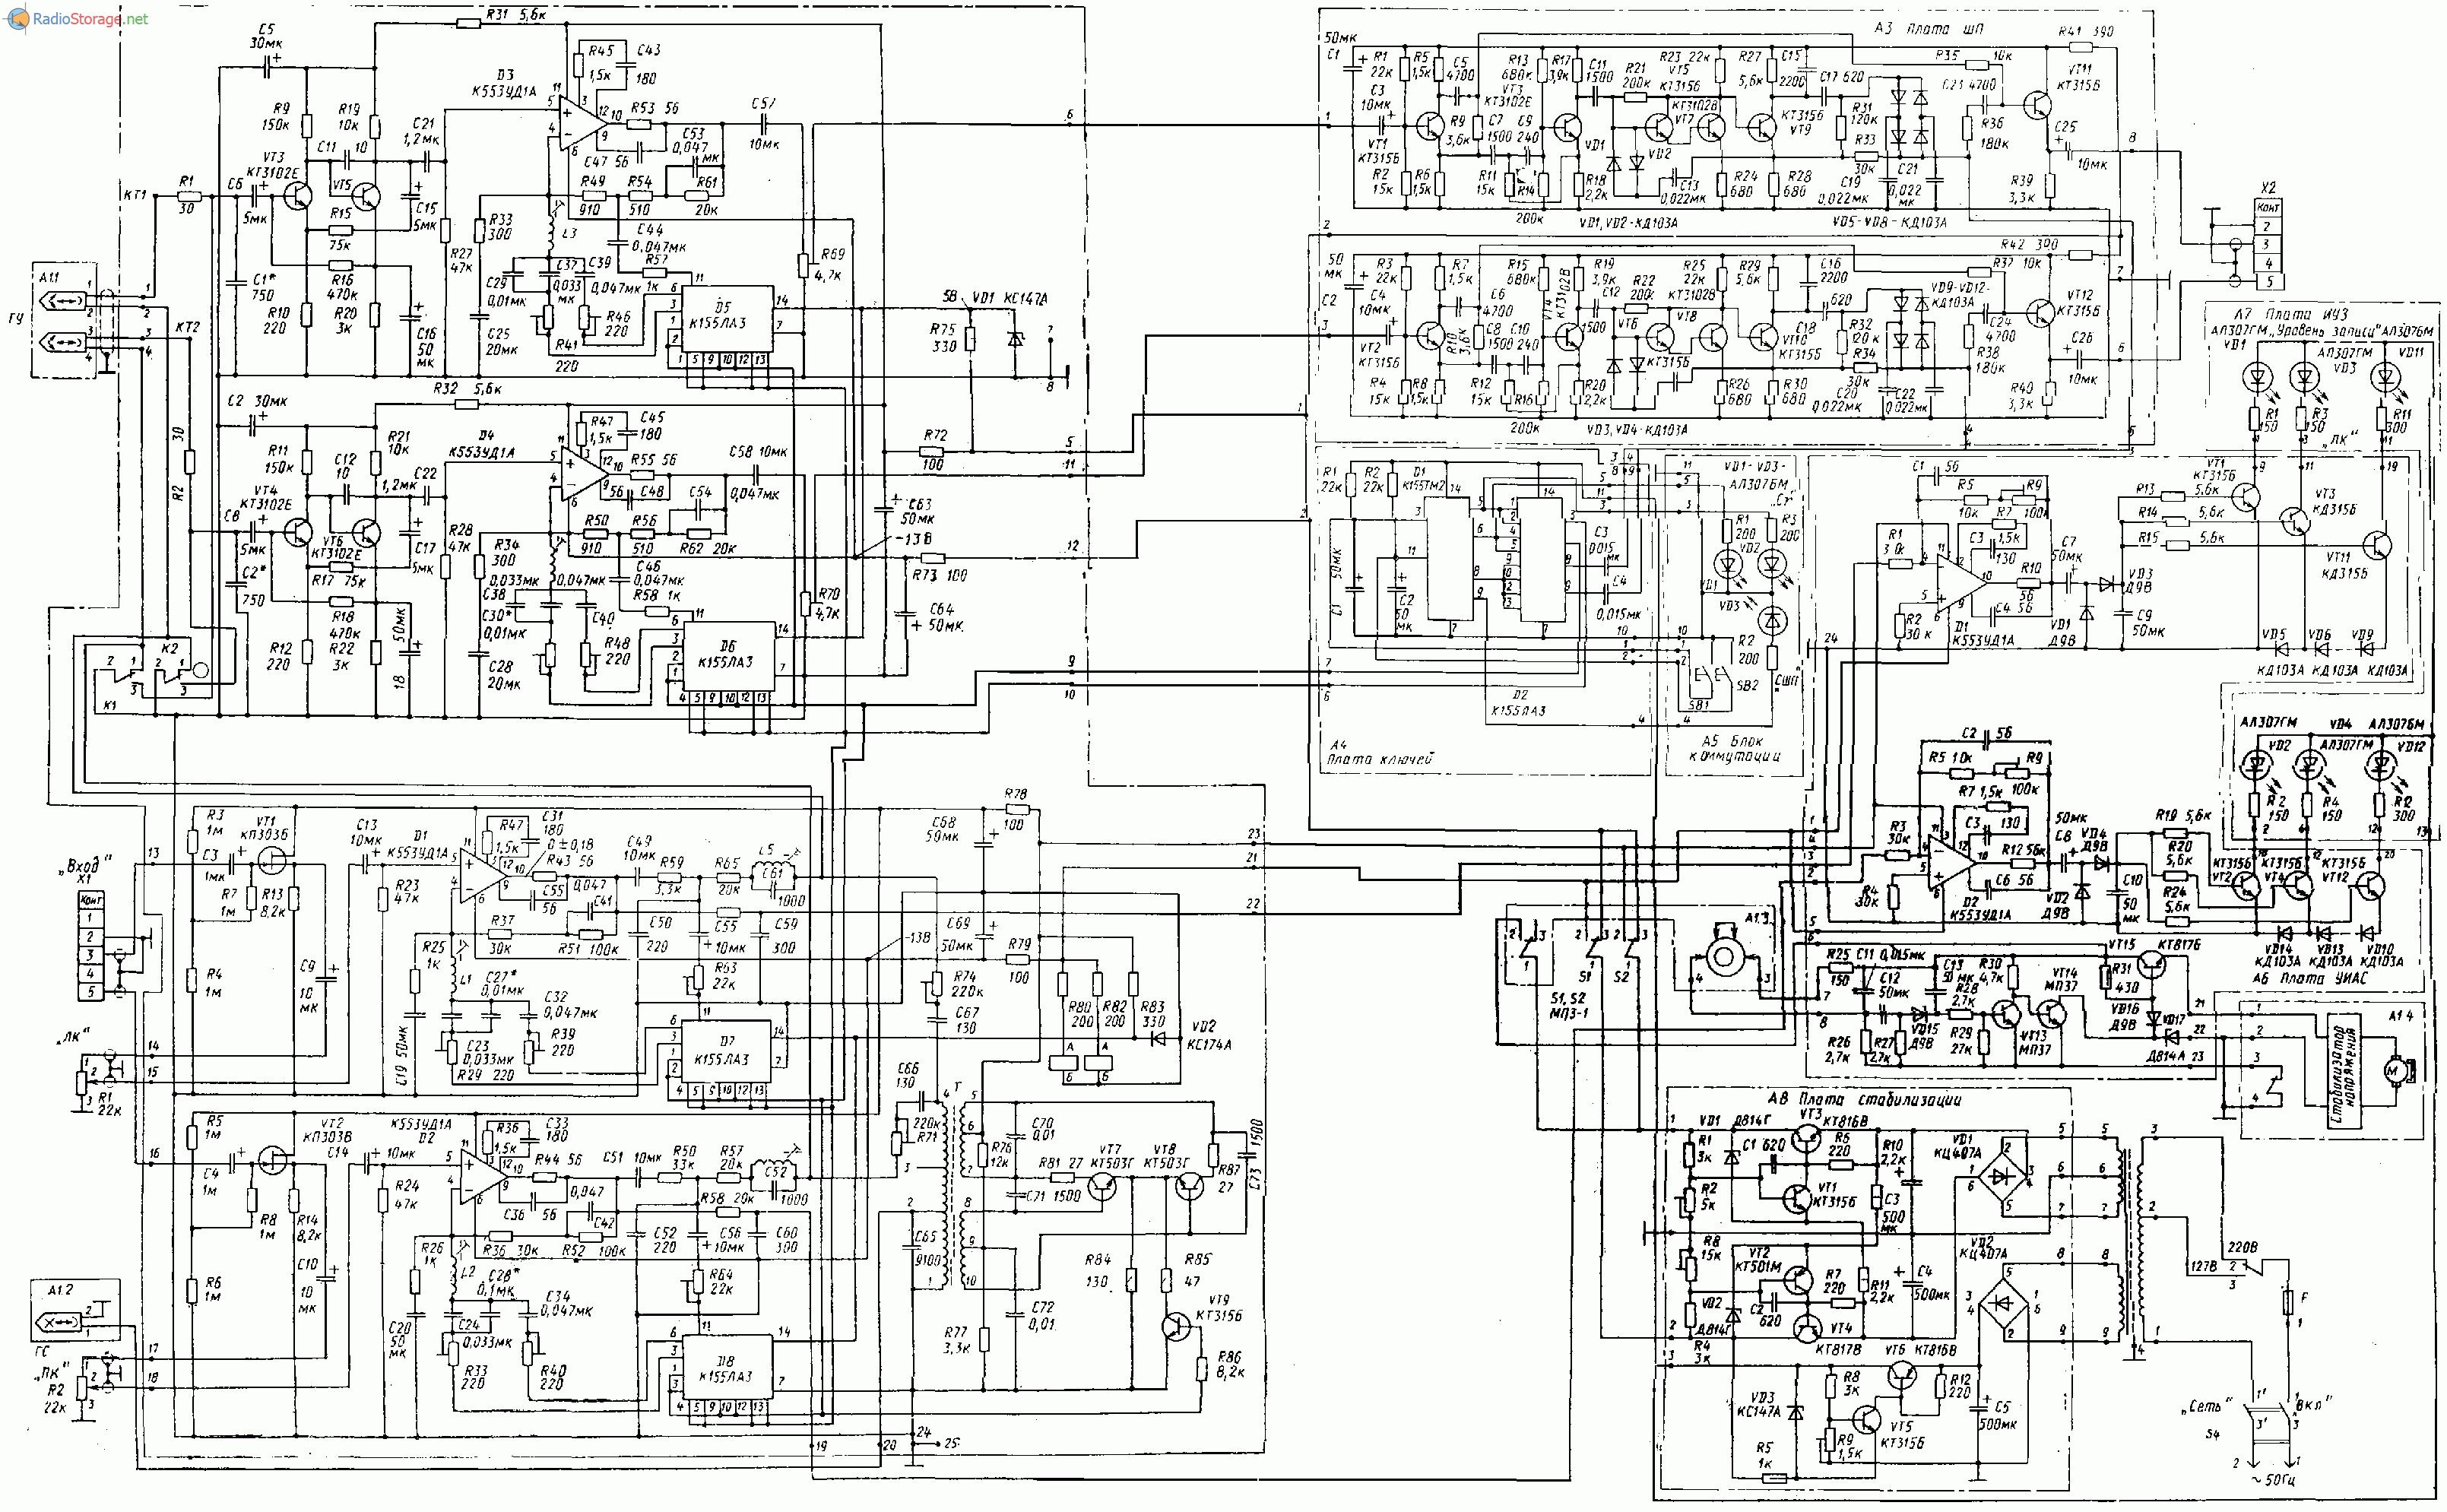 Принципиальная электрическая схема ресивера пионер 118